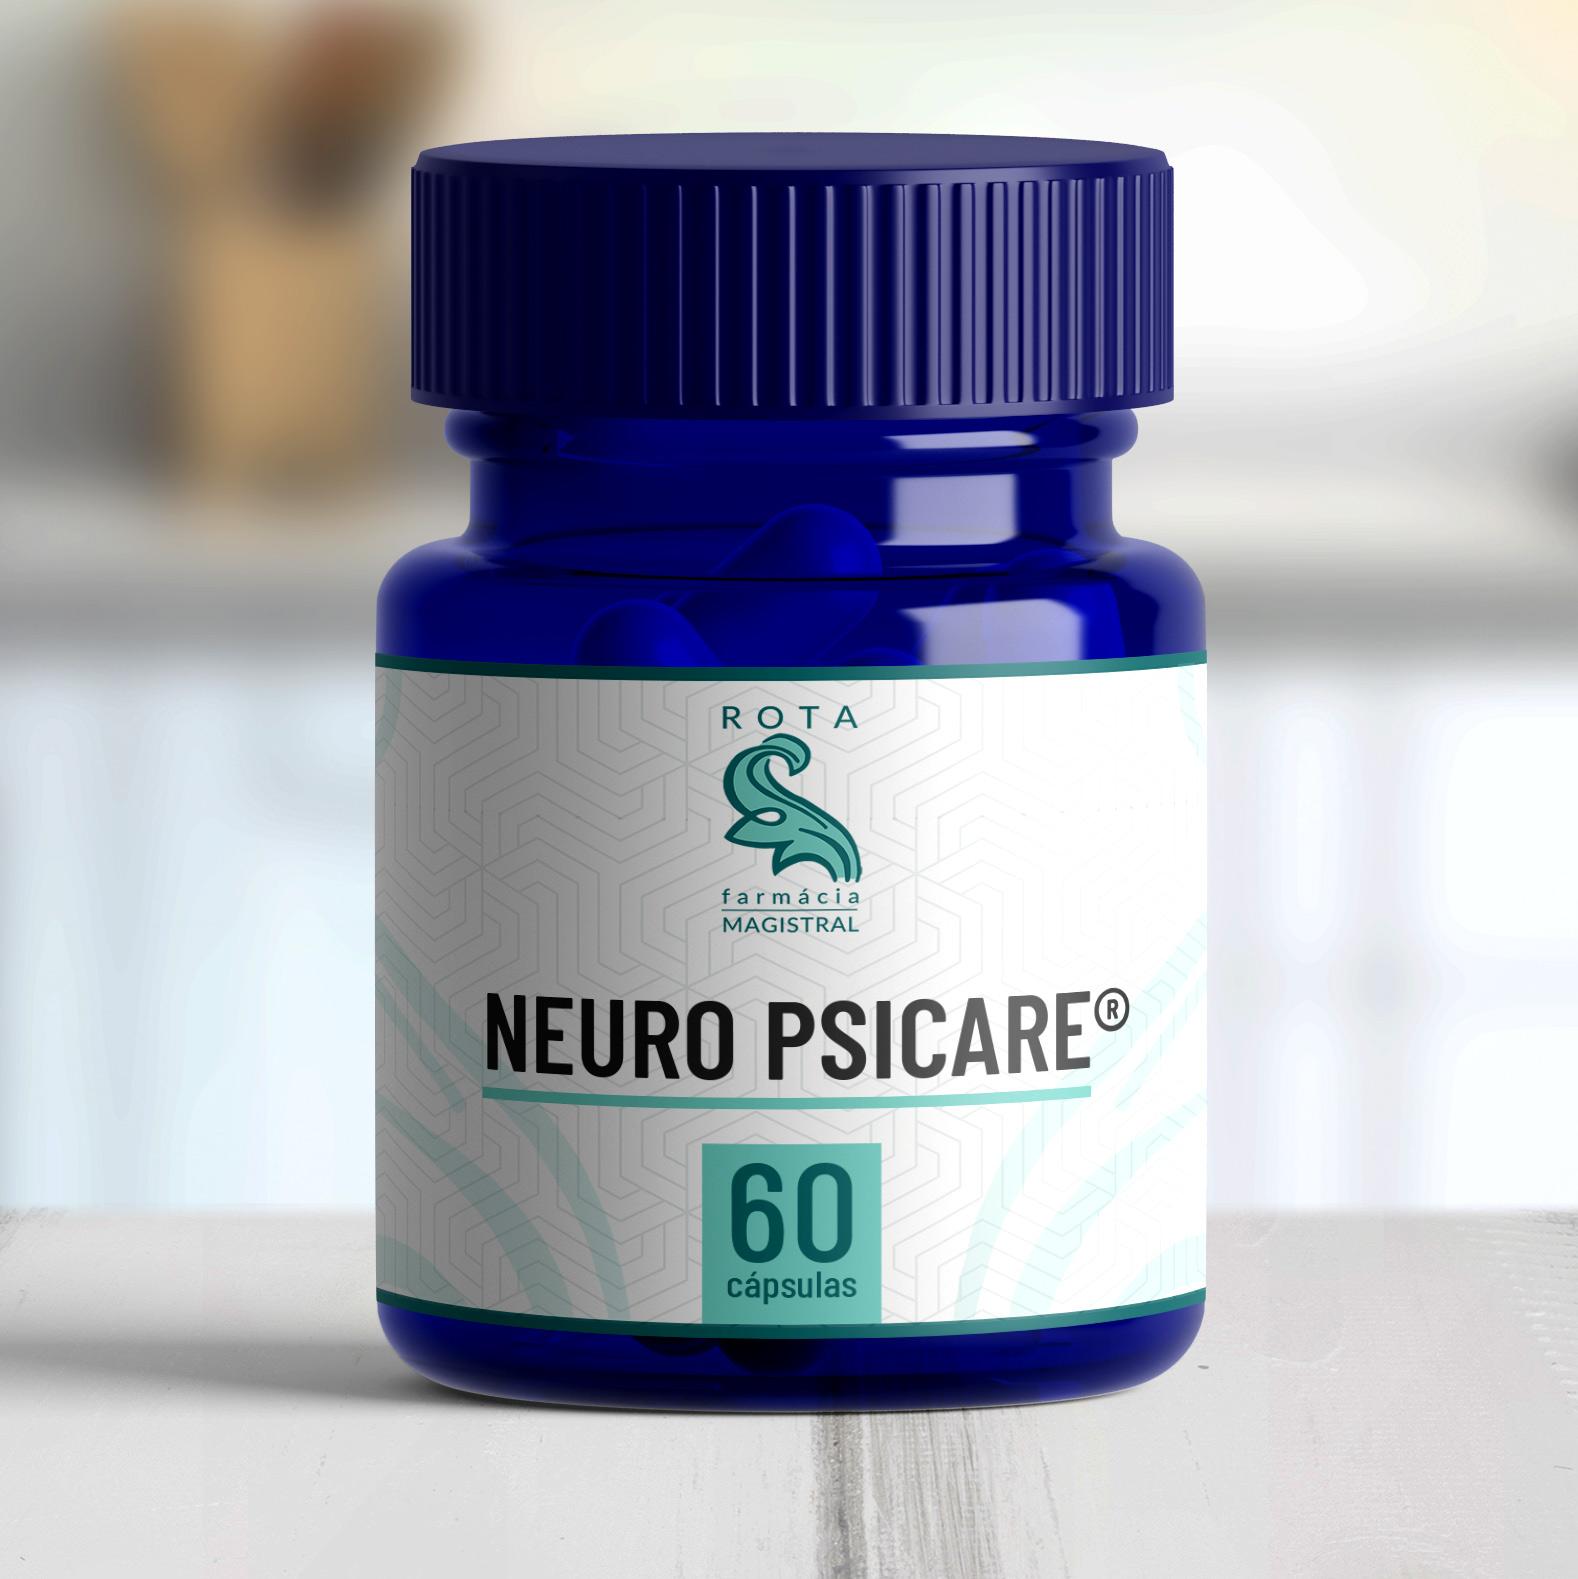 Neuro PSICARE ® 60 cápsulas